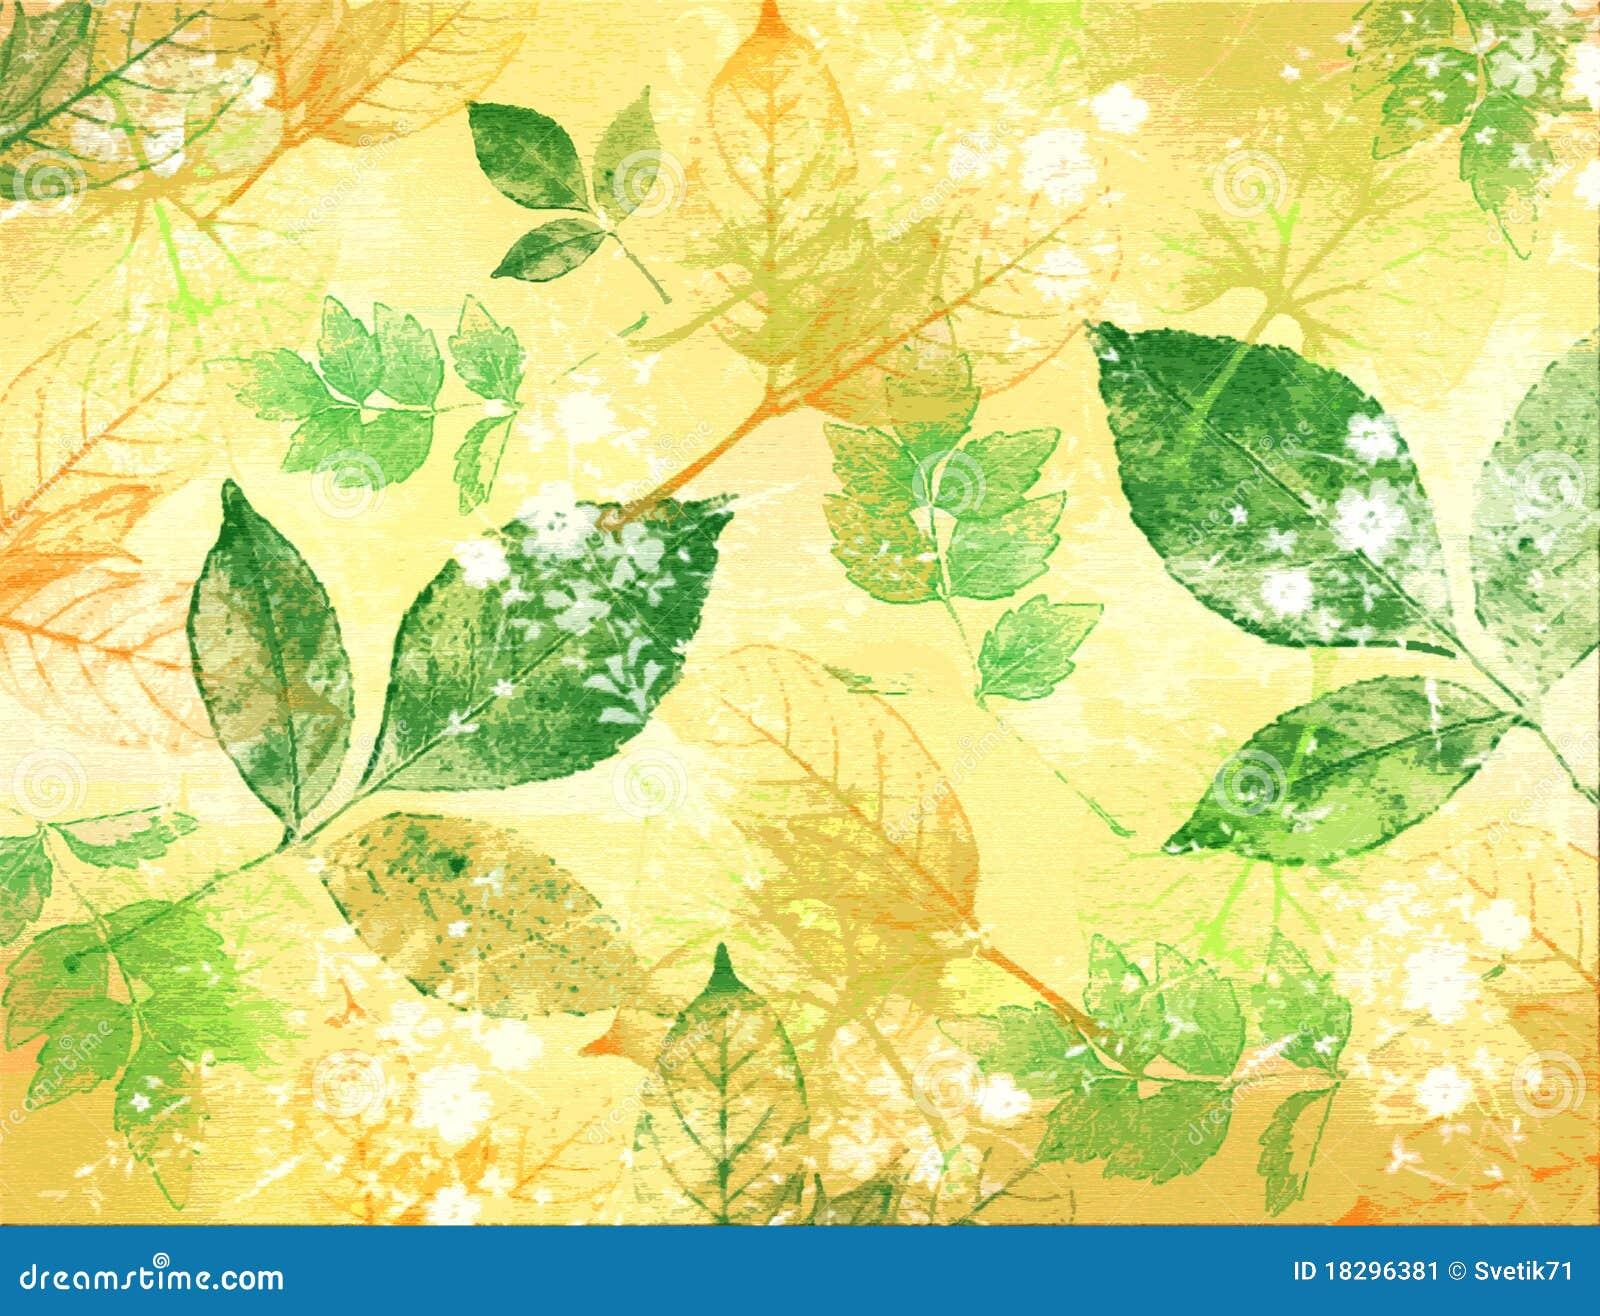 Textura de hojas del color verde y amarillo imagen de - Color verde hoja ...